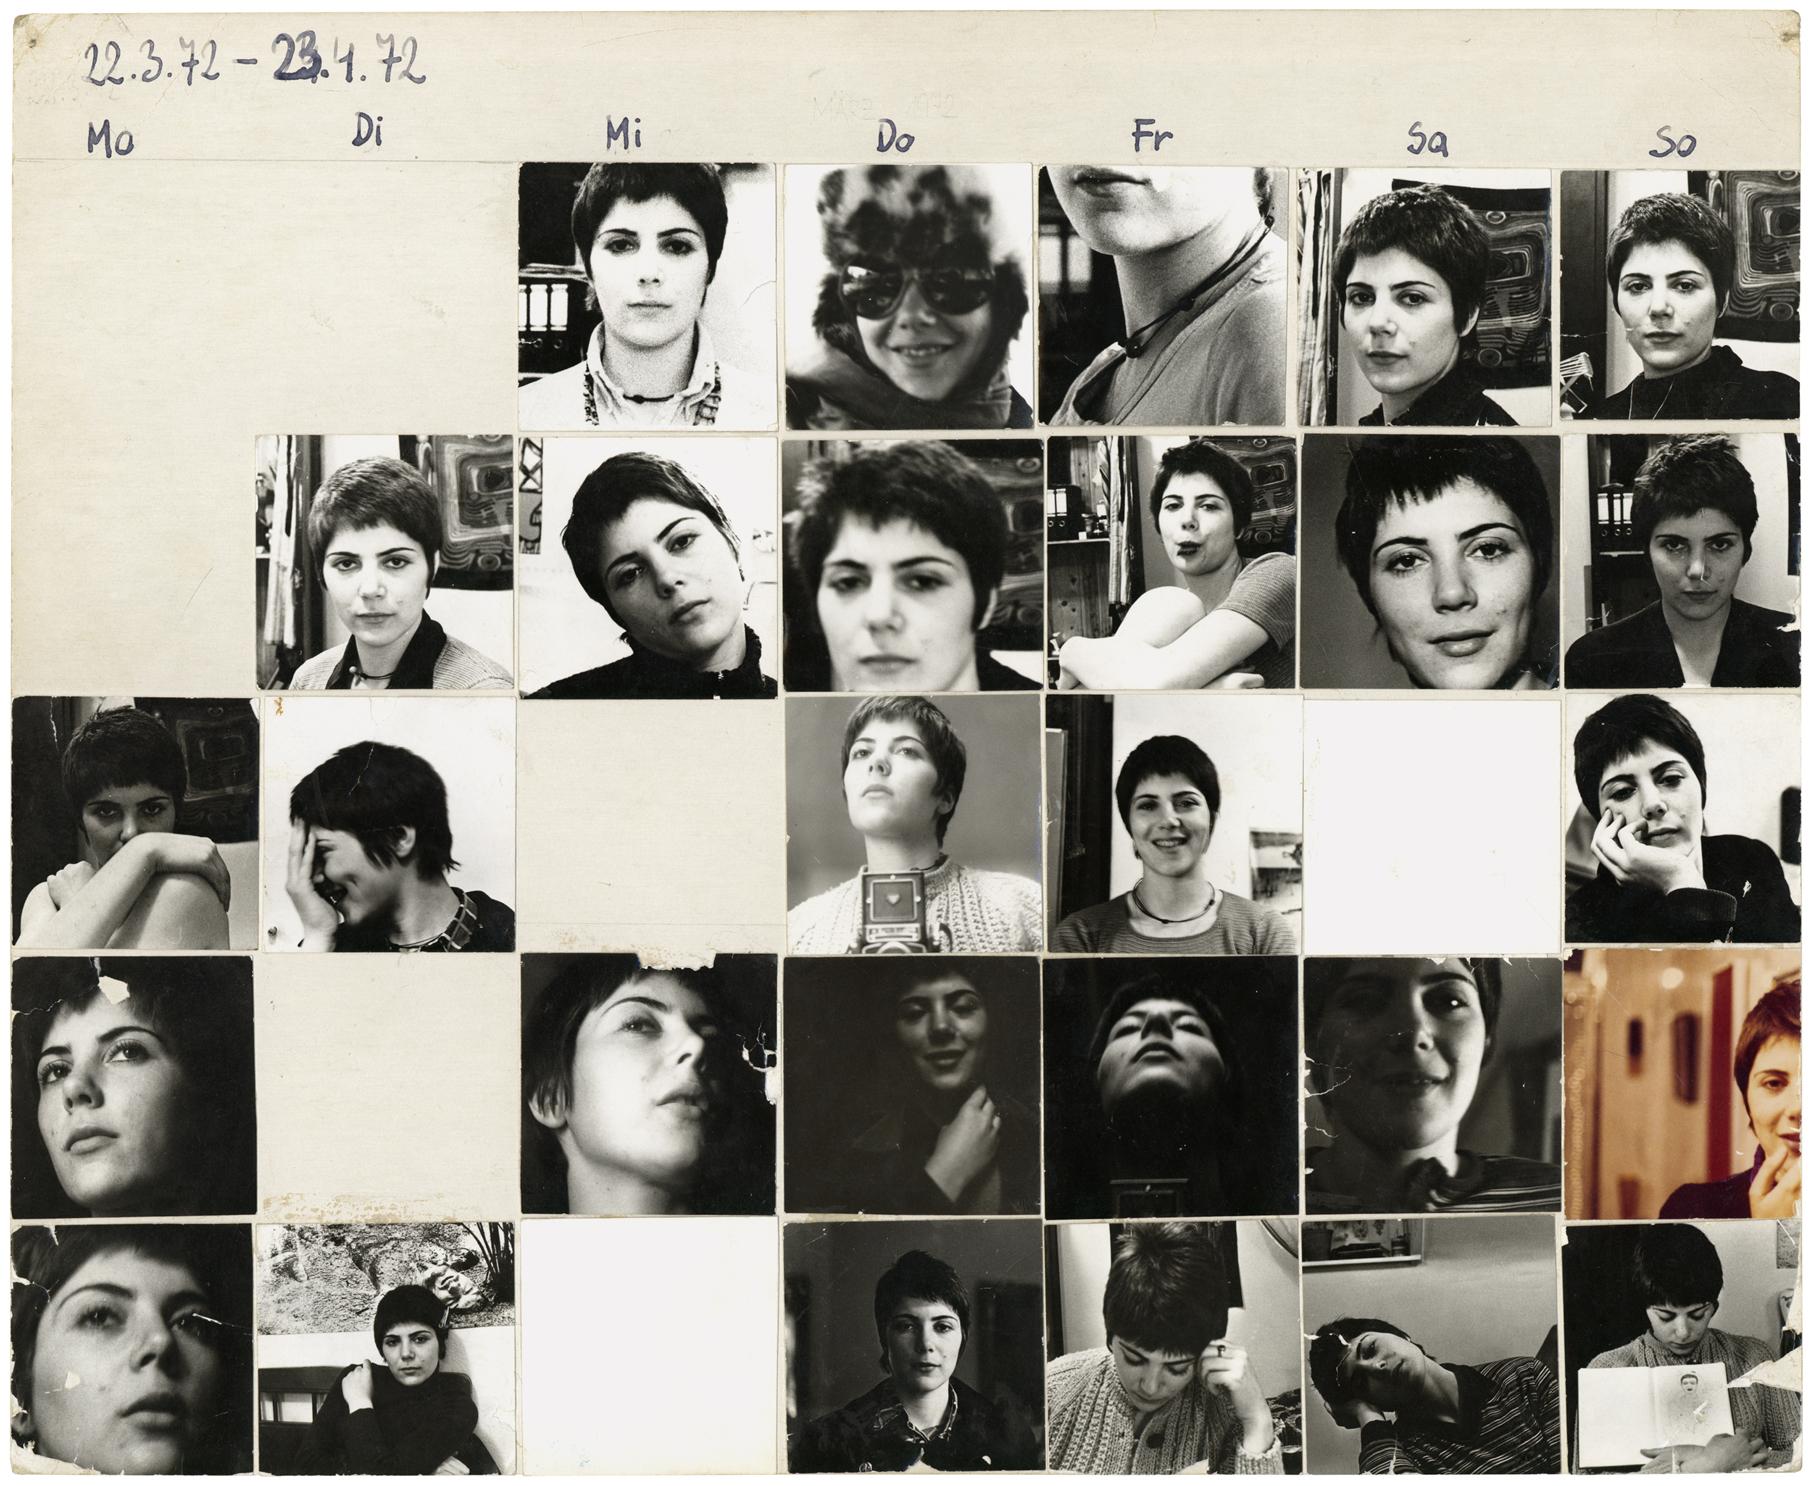 """Friedl Kubelka: """"Das erste Jahresportrait (Teil 1 von 11 Teilen)"""",1972/73; Schwarz-Weiß- und Farbfotografien, kaschiert auf Karton"""